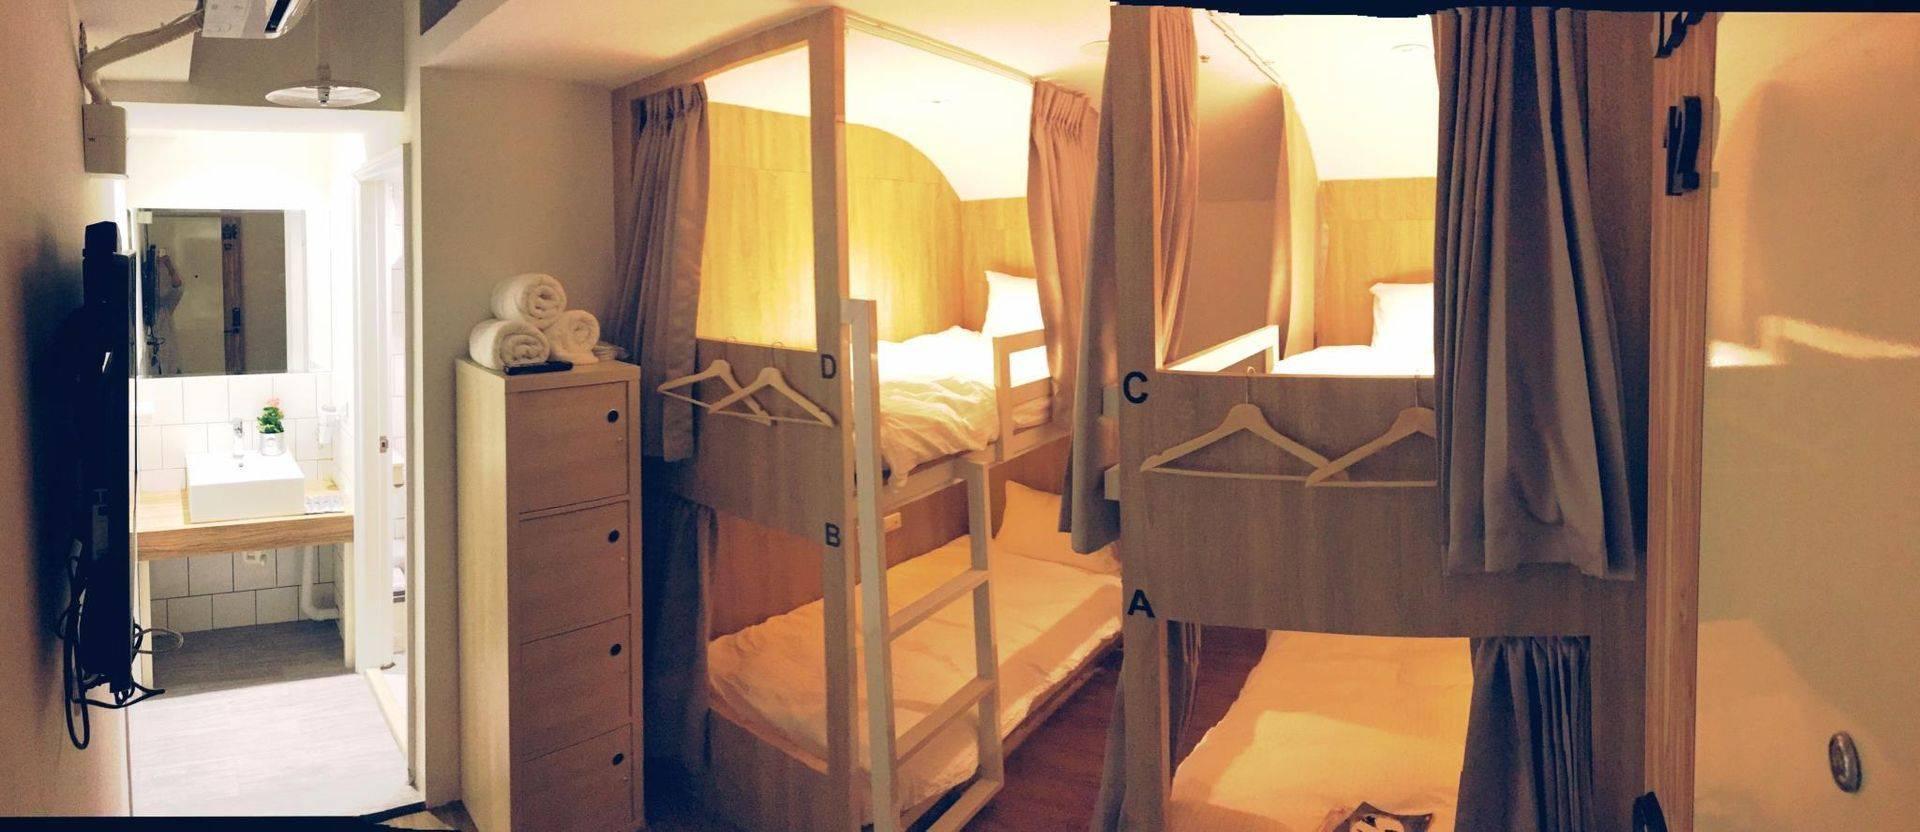 紙飛機高雄青年旅館